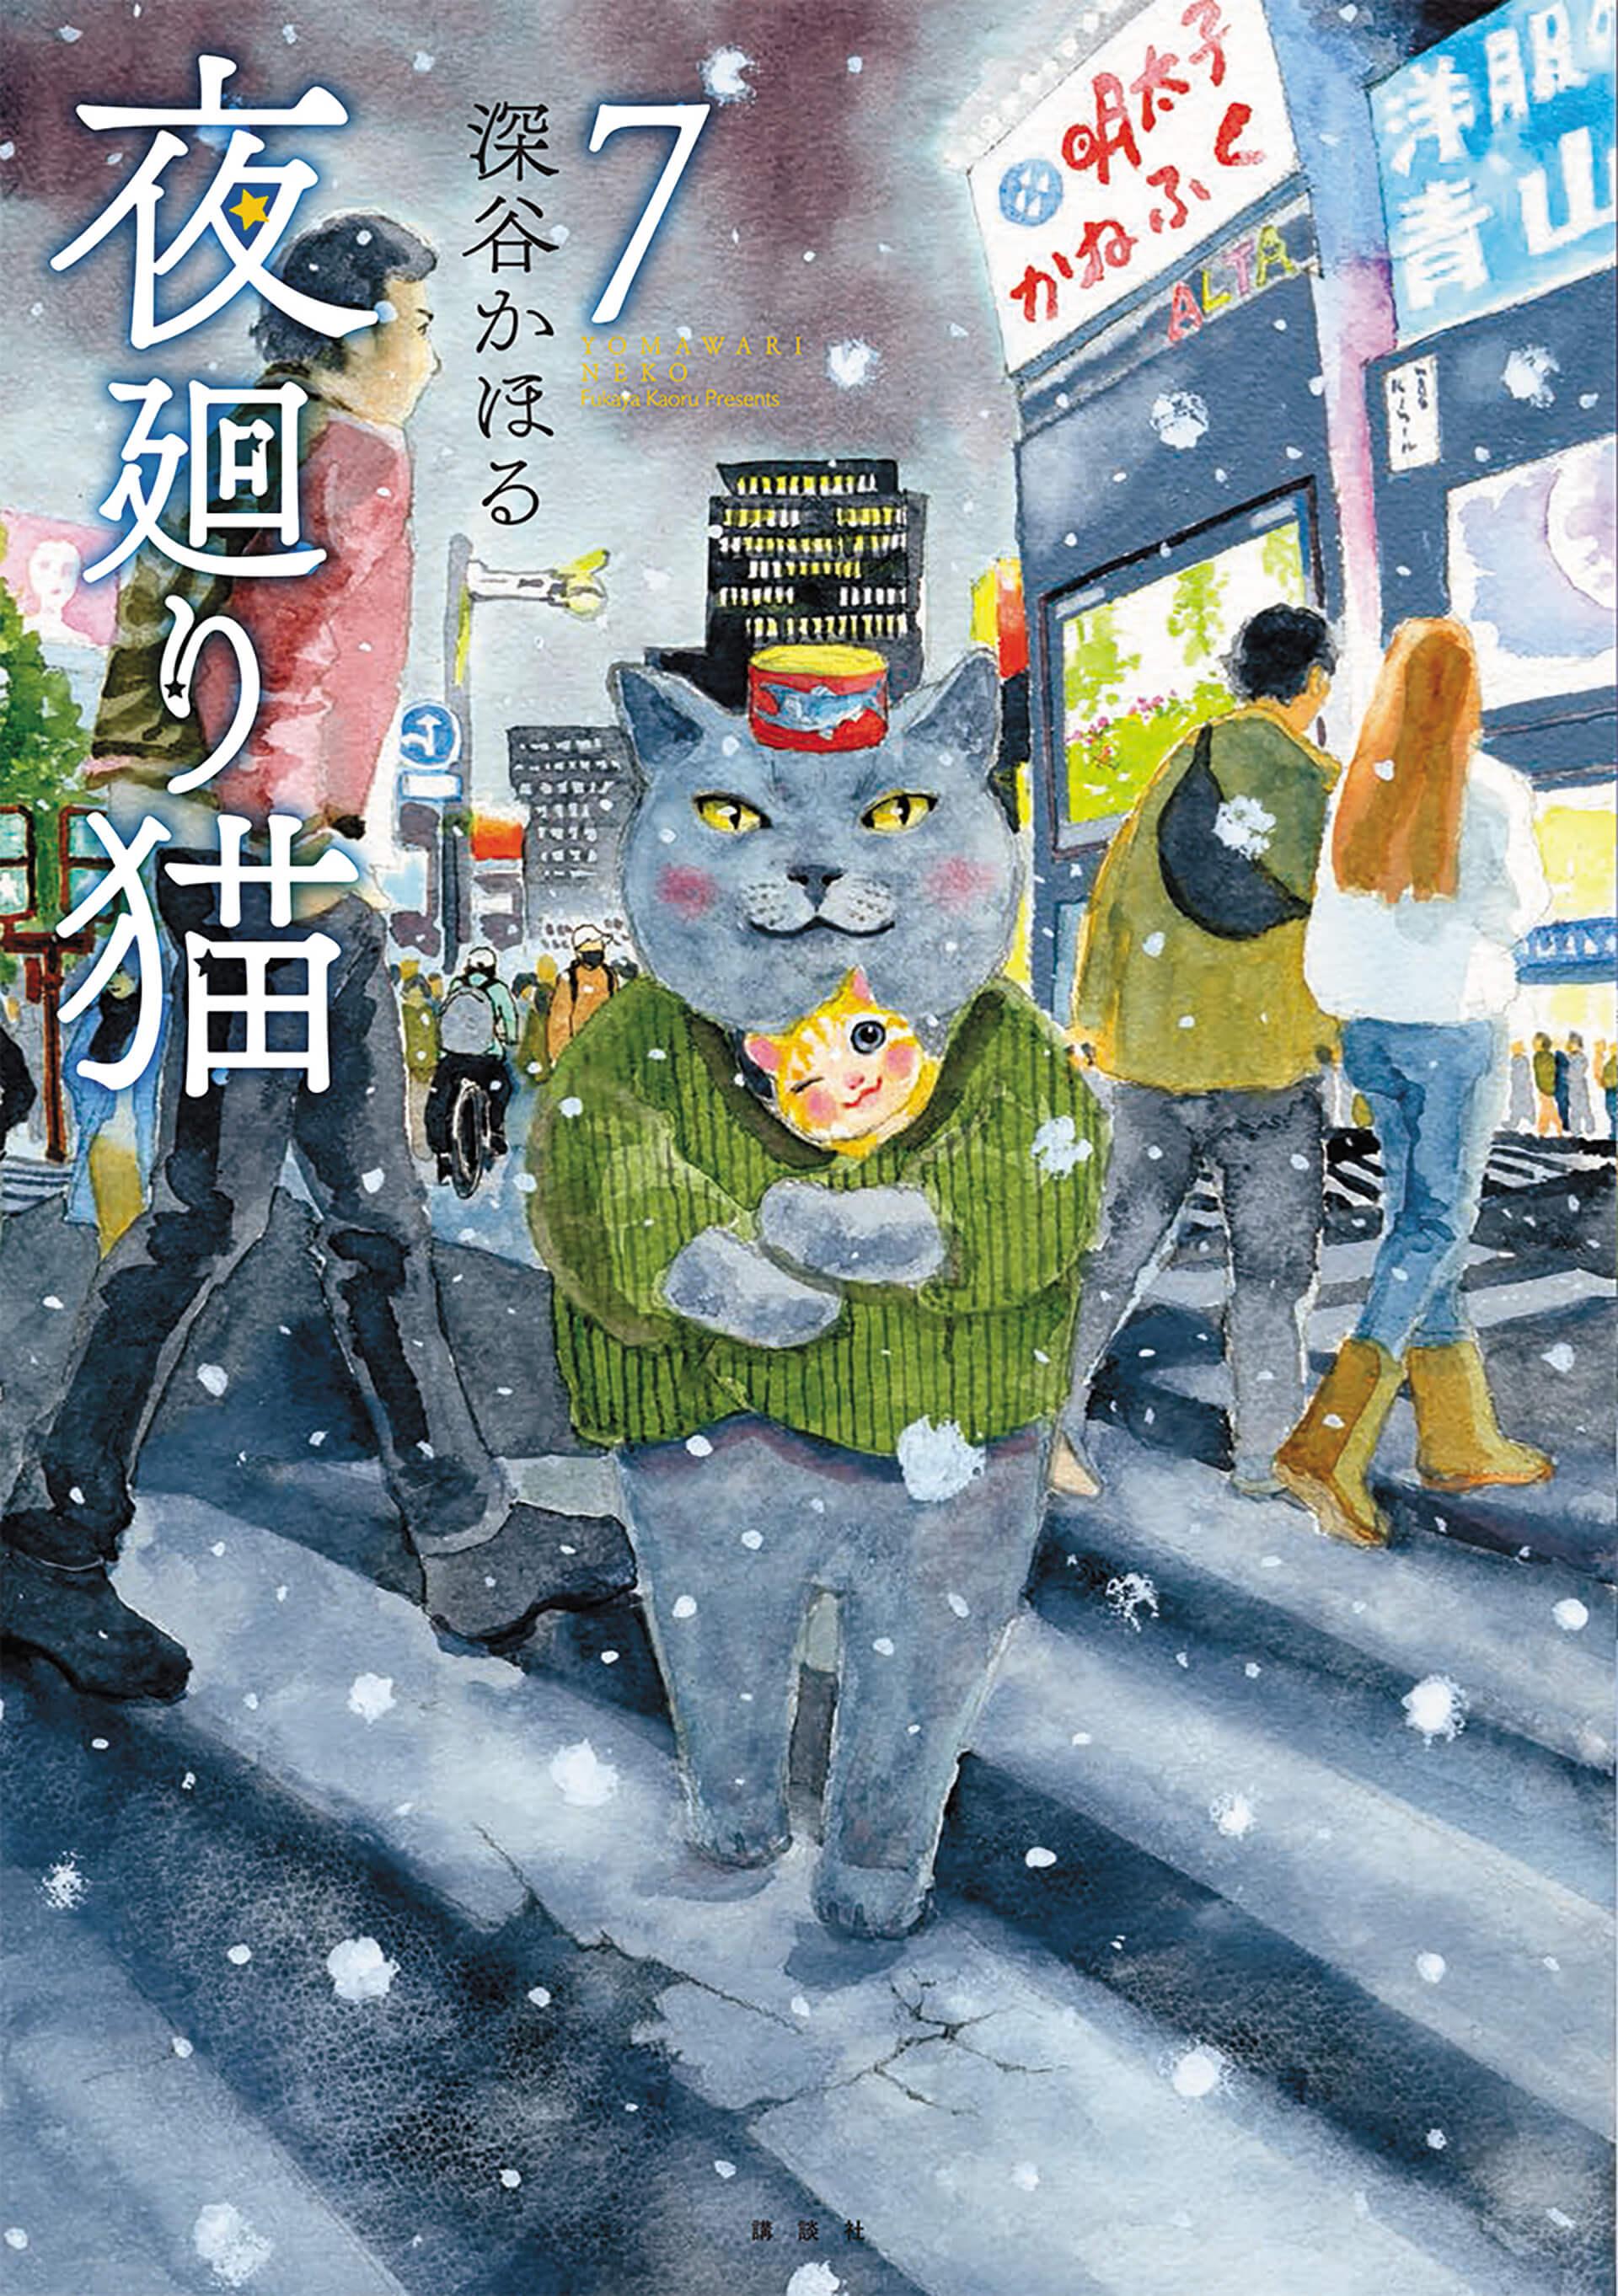 「夜廻り猫」原画展&グッズ販売